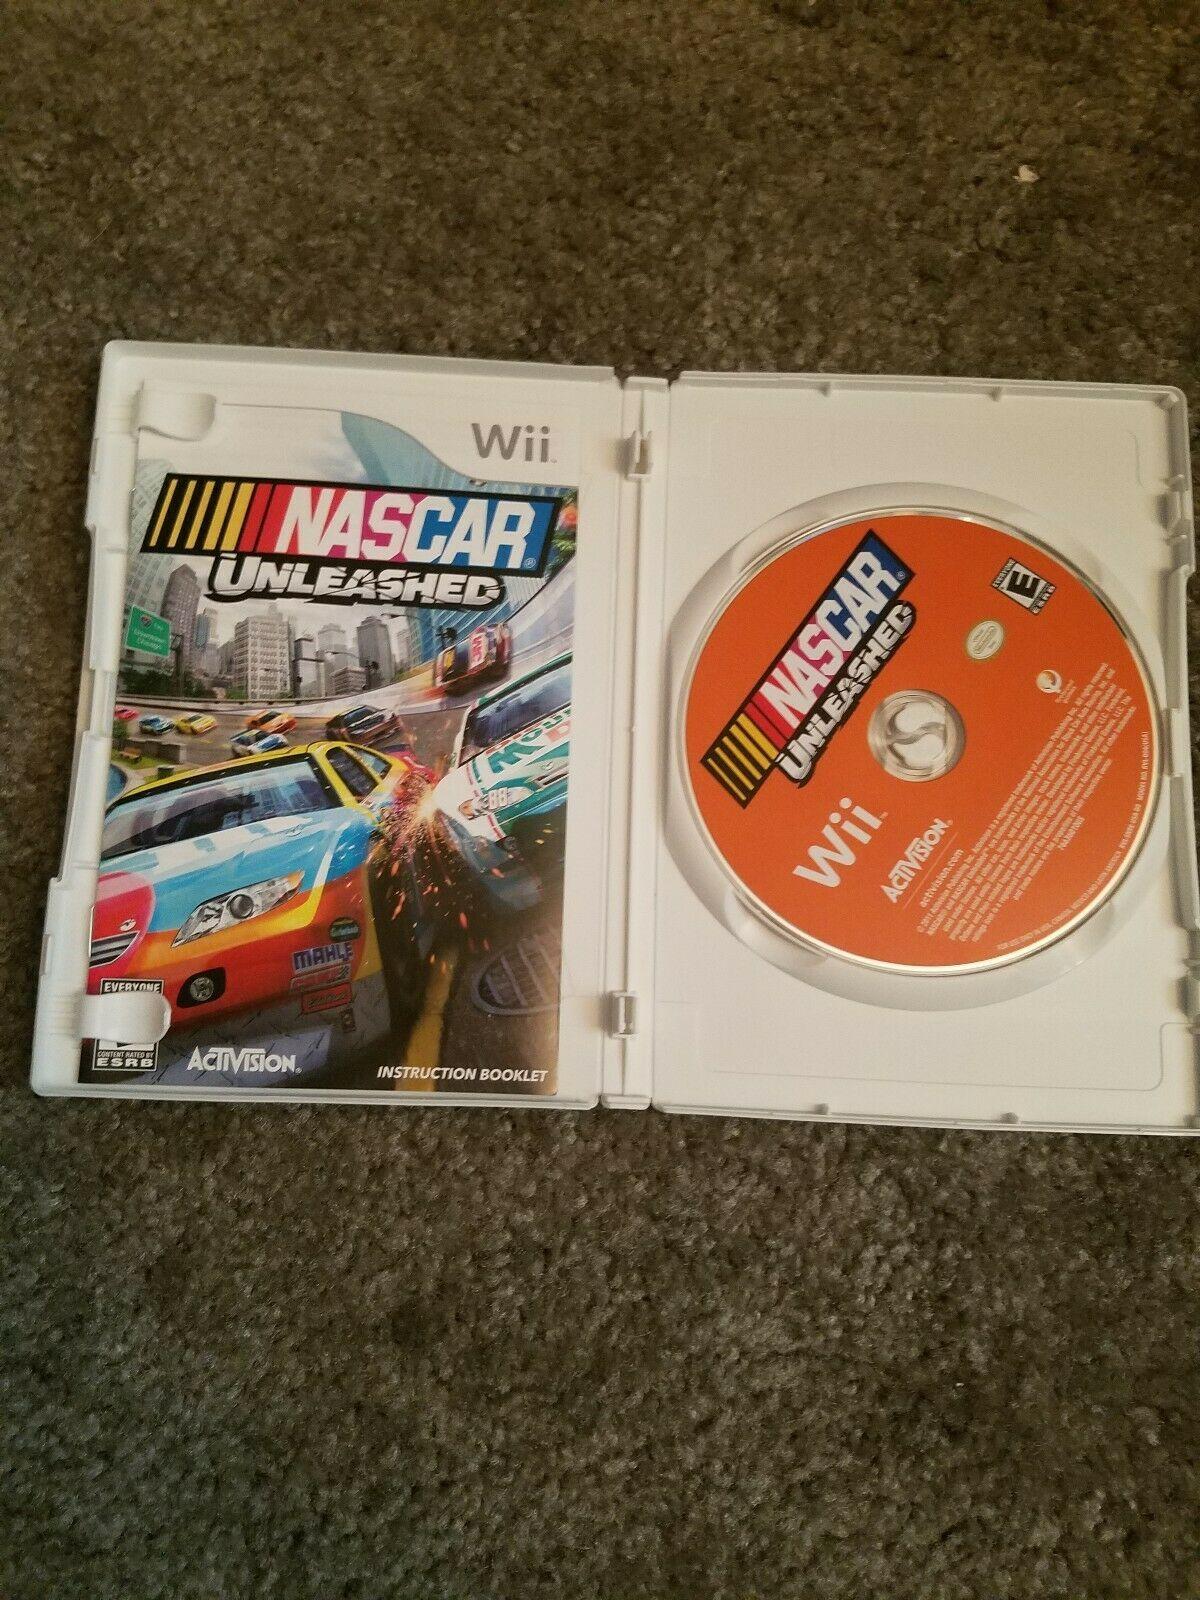 NASCAR Unleashed (Nintendo Wii, 2011) image 2